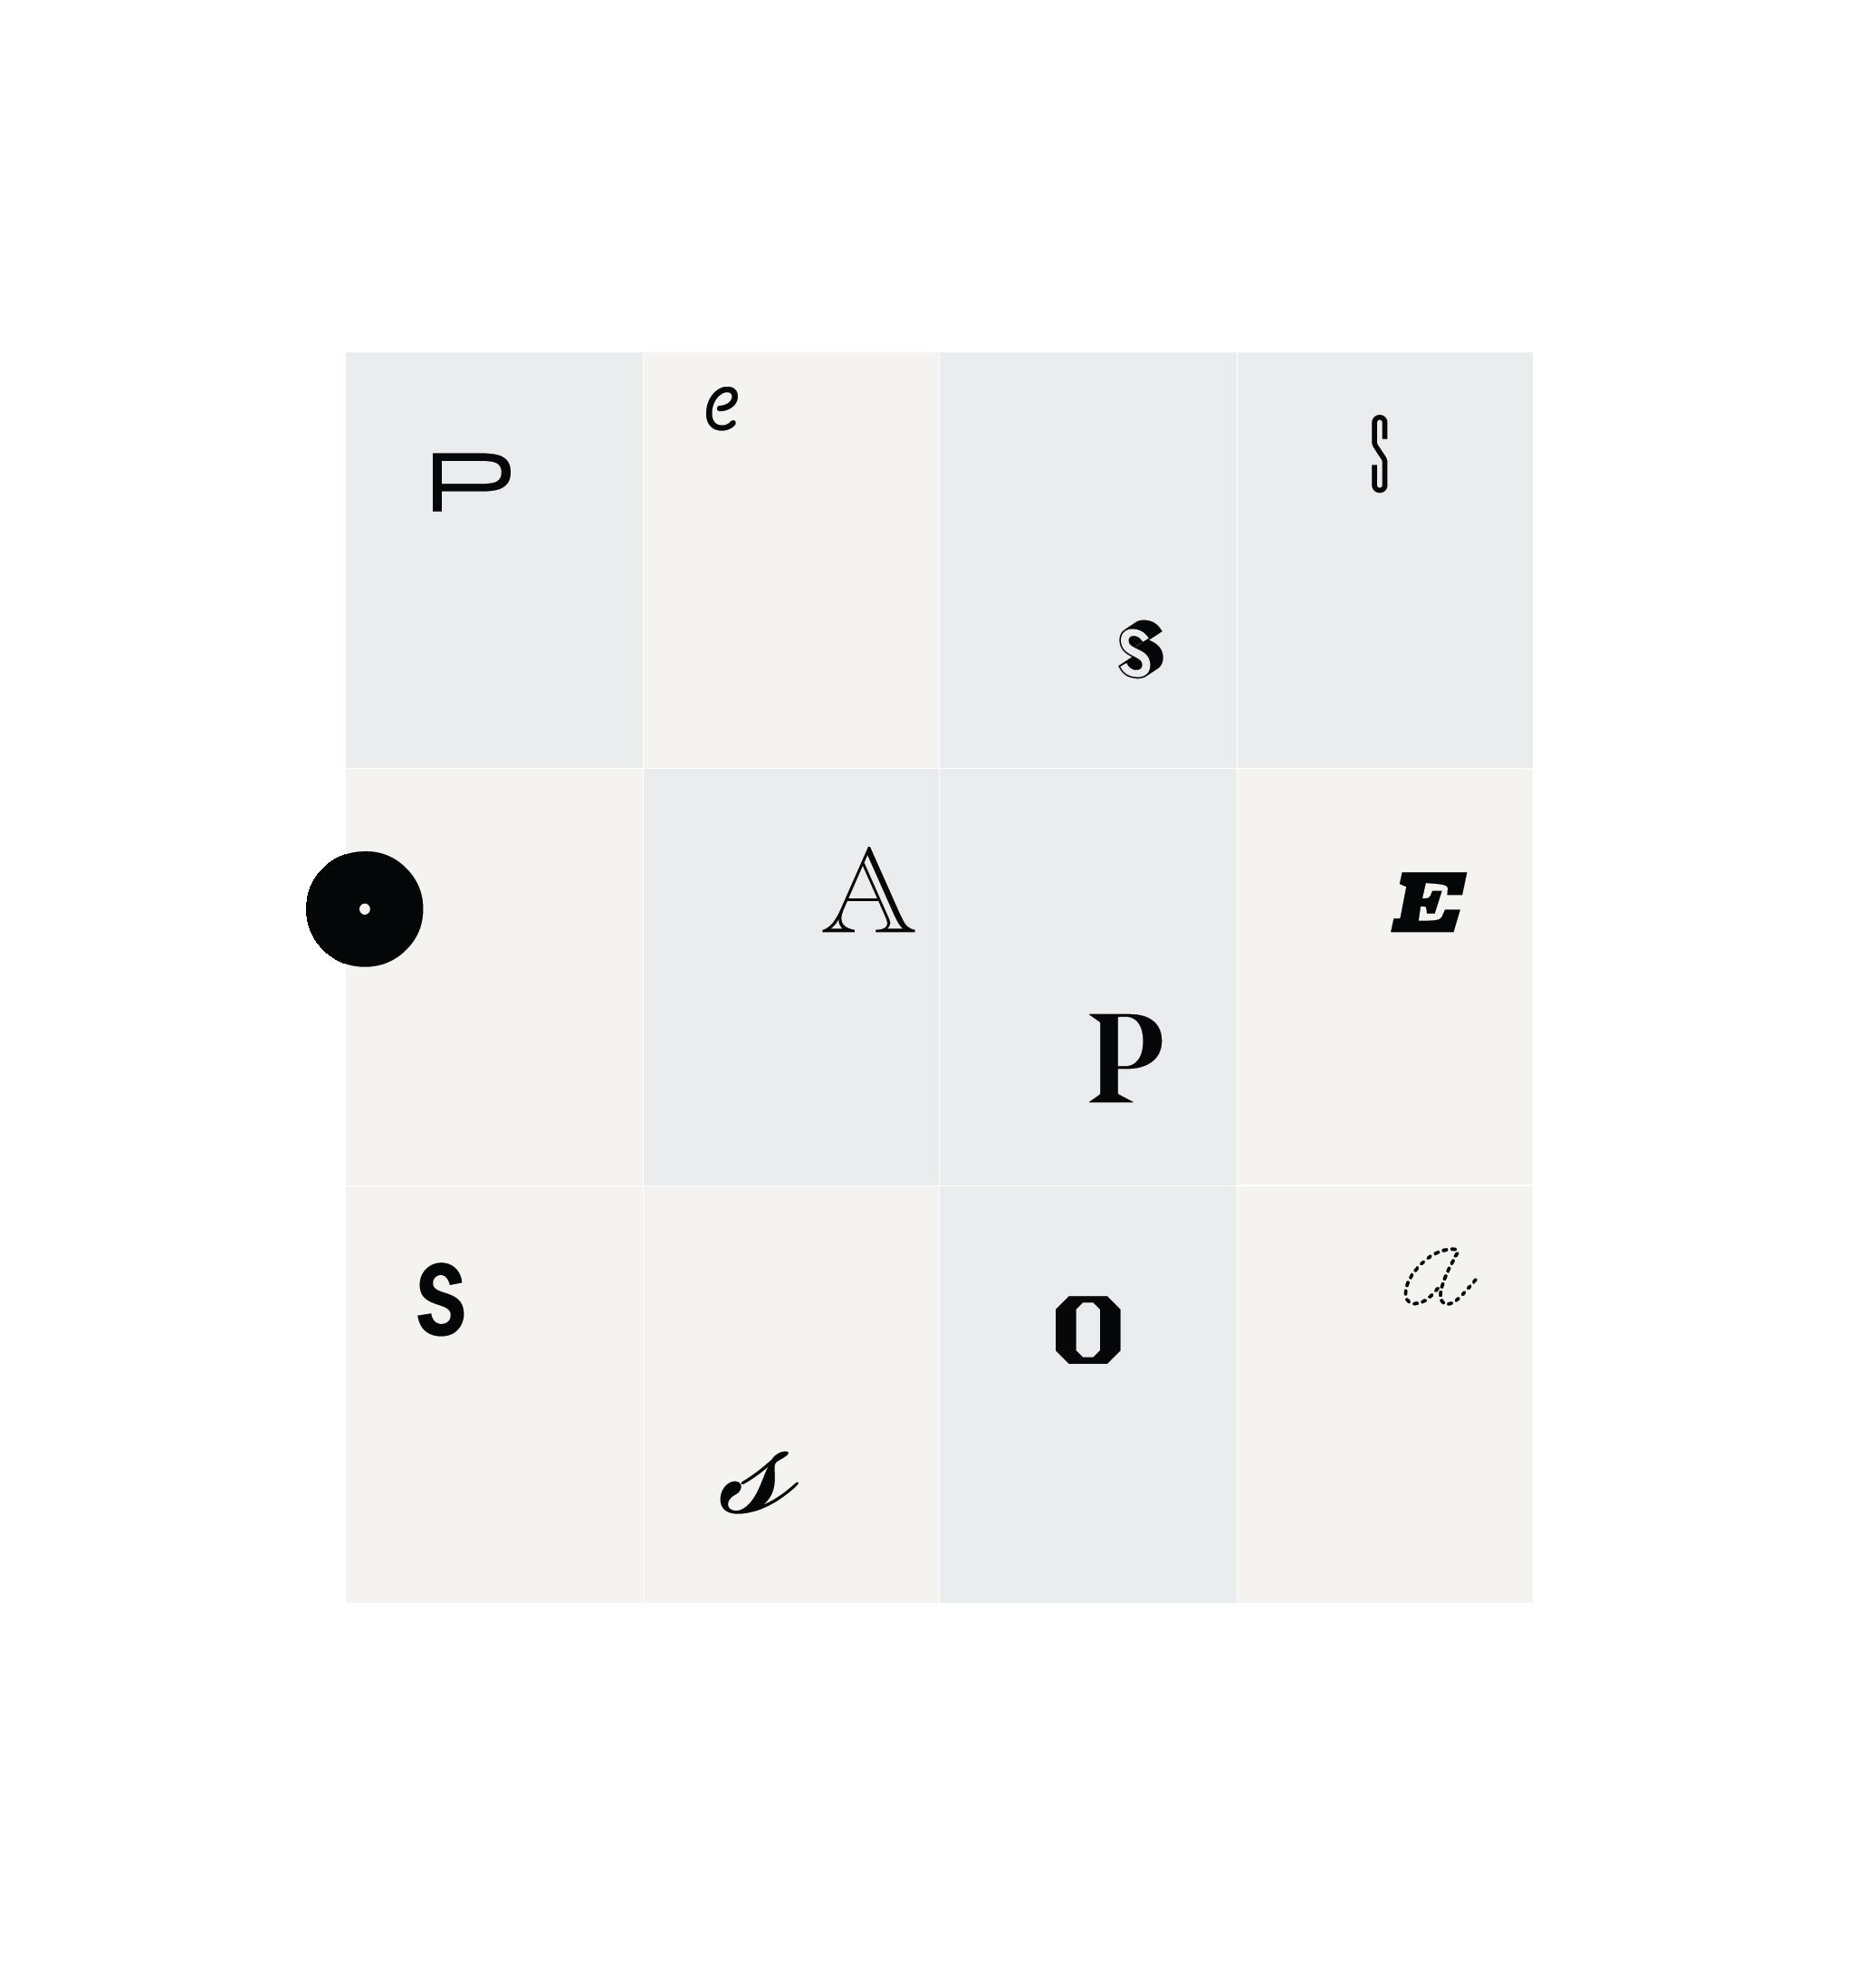 CapasFernandoPessoa_capas_frames-27.png